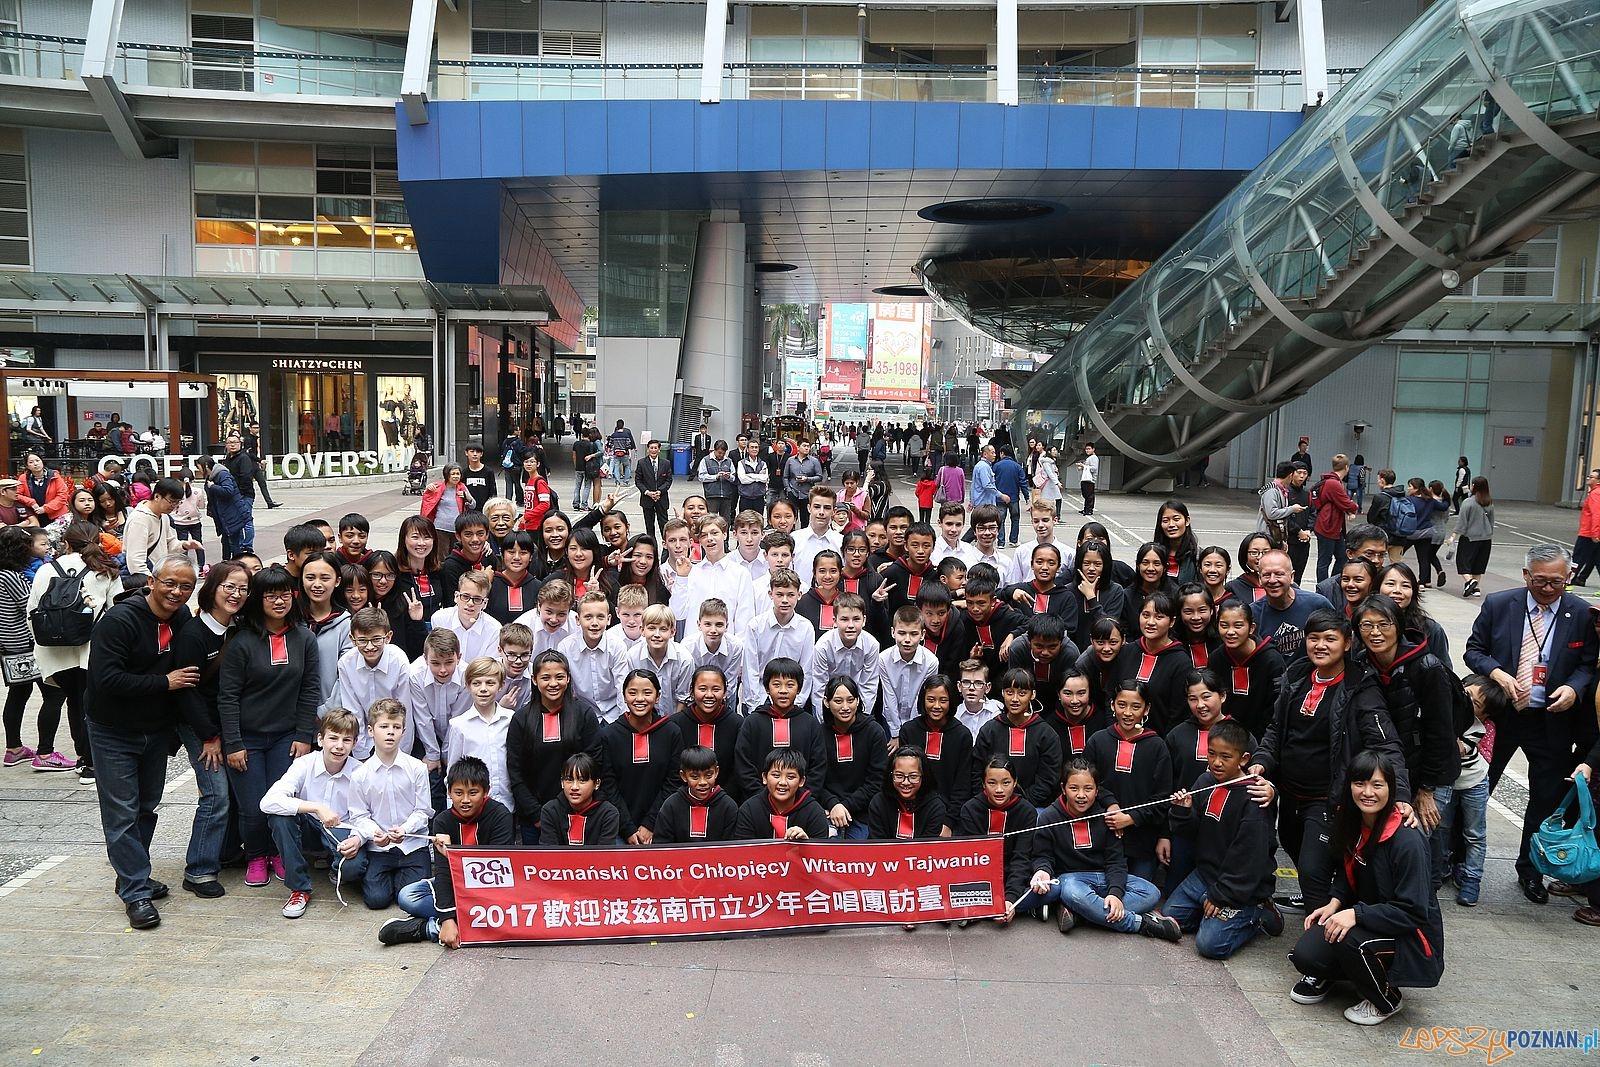 Poznański Chór Chłopięcy na Tajwanie  - flash mob  Foto: materały prasowe